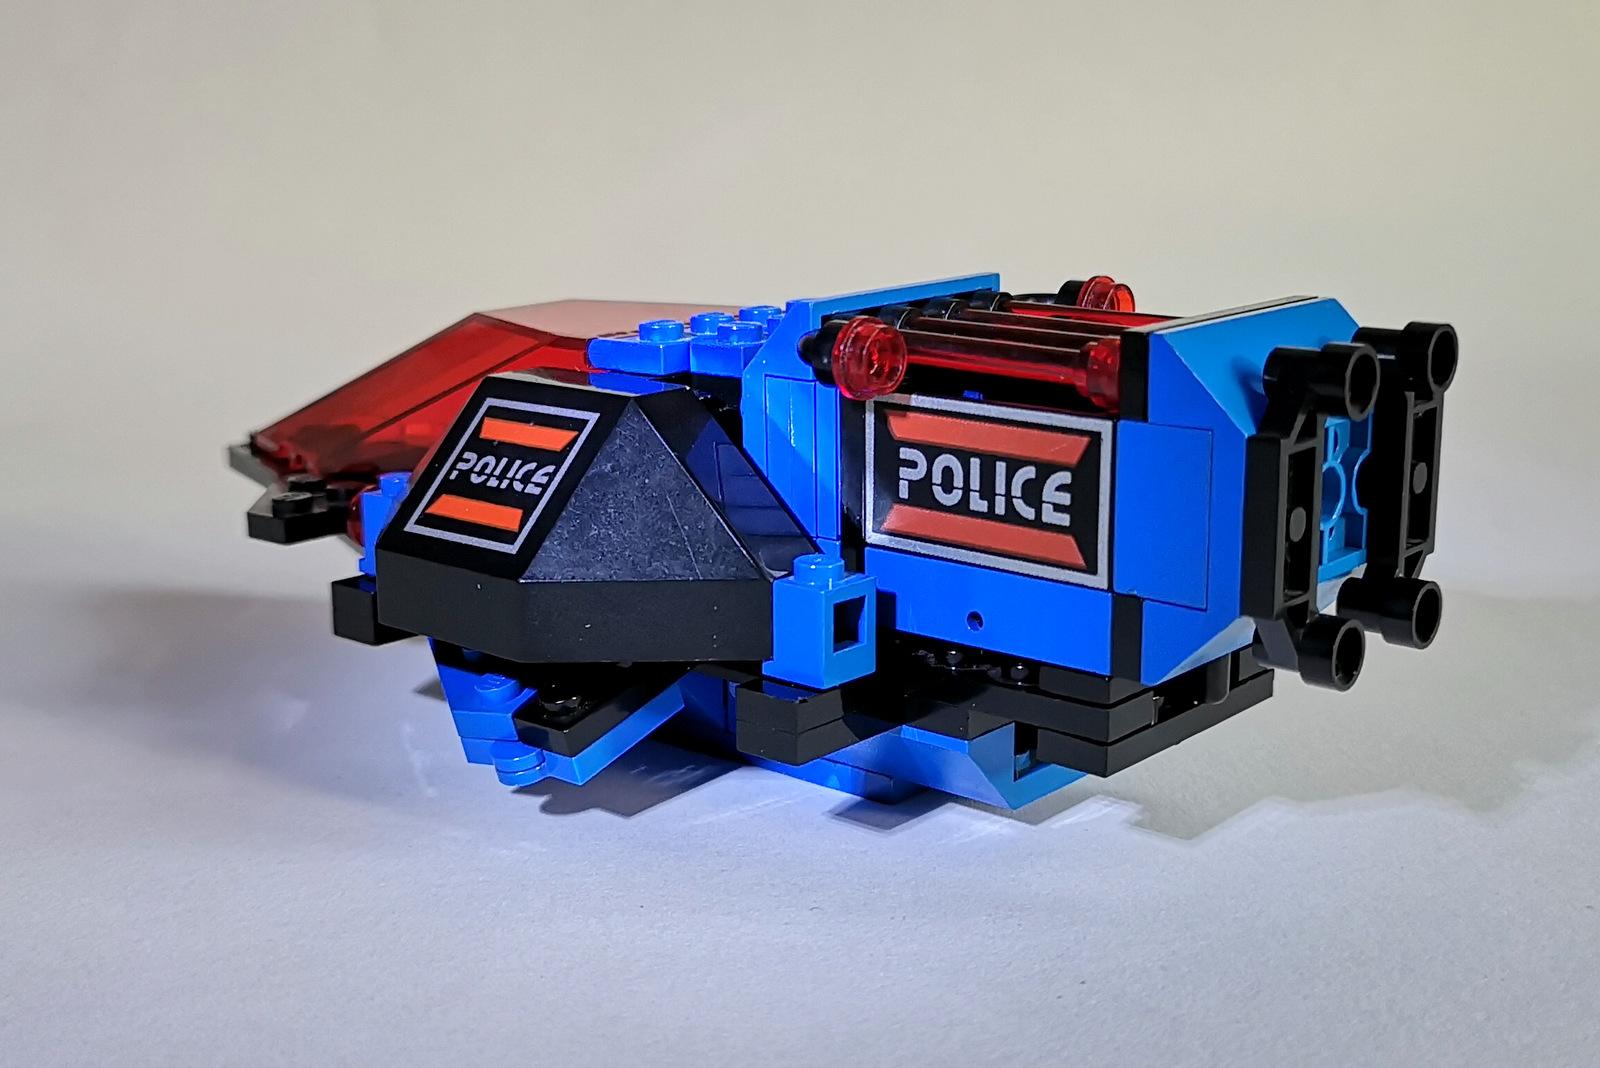 6886 LEGO Space Police Rauschiff von hinten